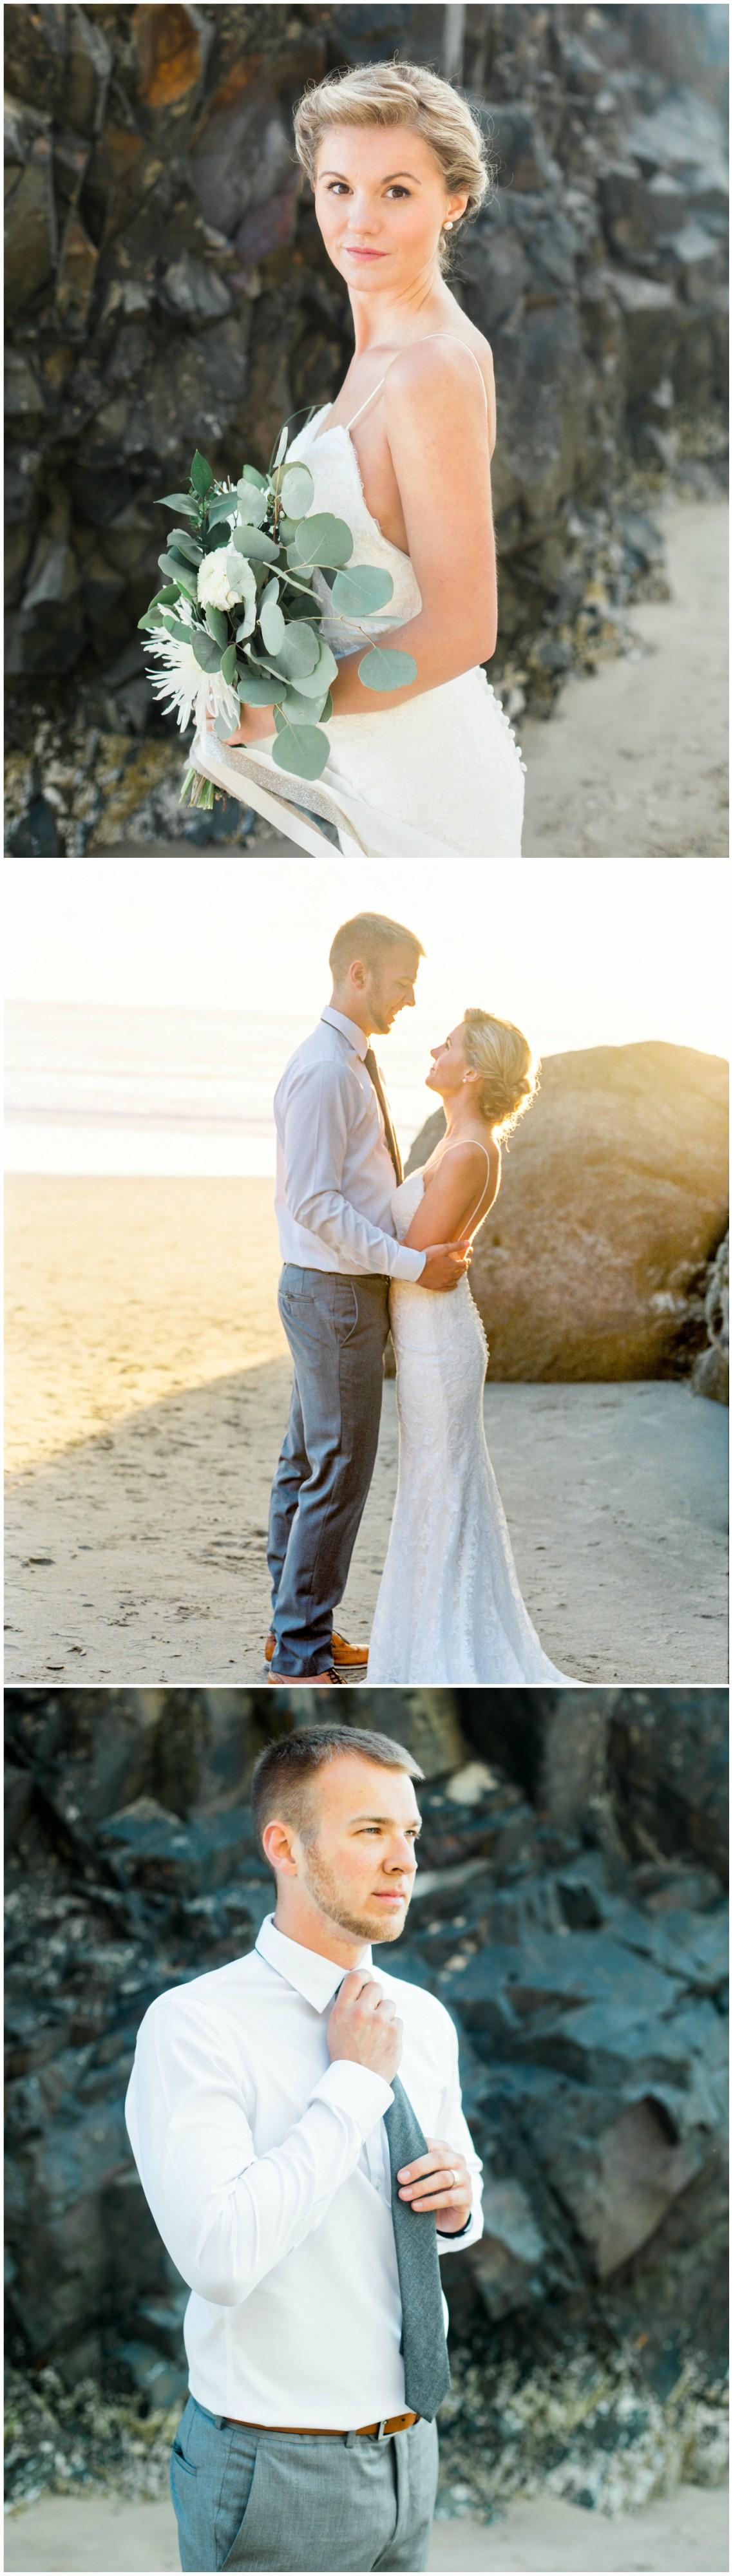 Beach wedding fashion, casual groom attire, grey tie